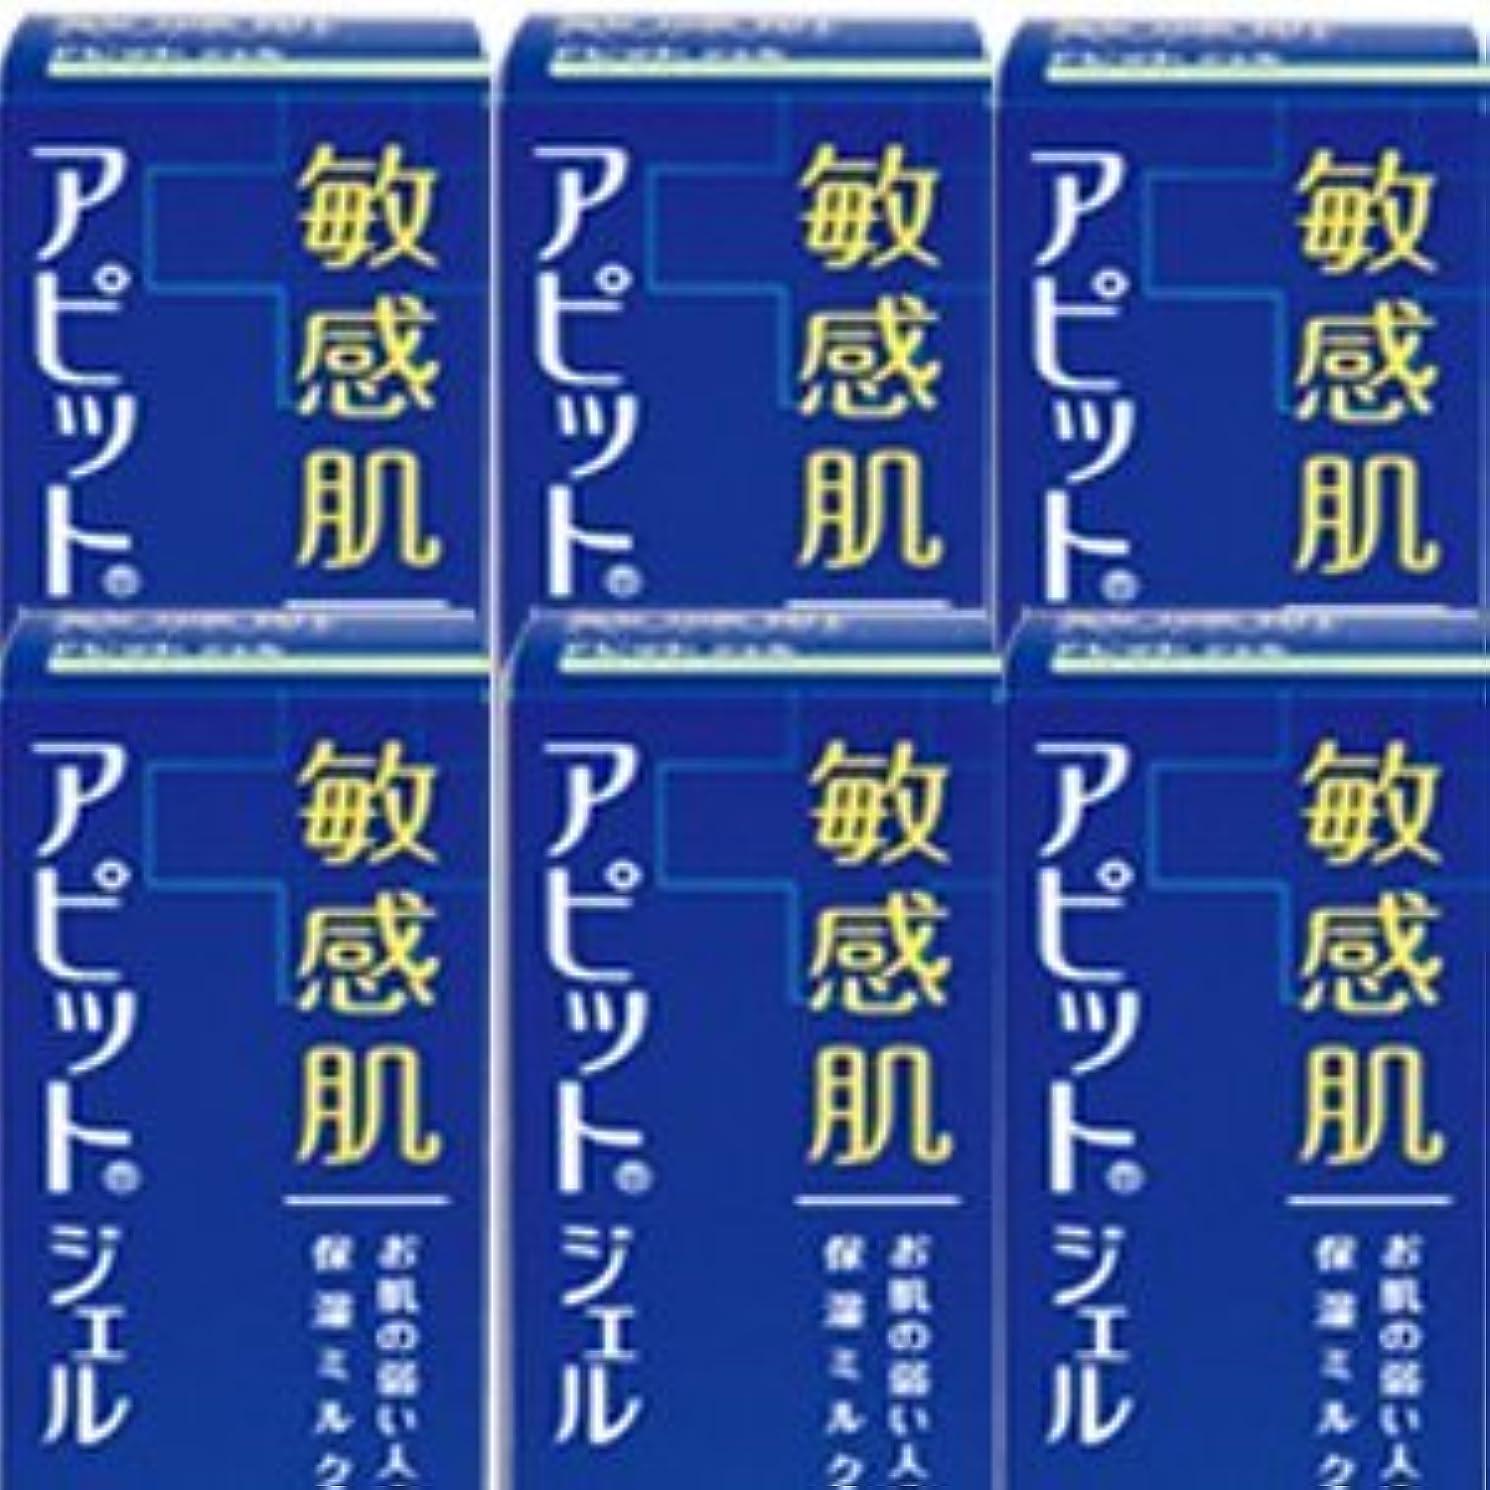 サイクロプス抽選圧力【6個】全薬工業 アピットジェルS 120mlx6個セット (4987305034625)